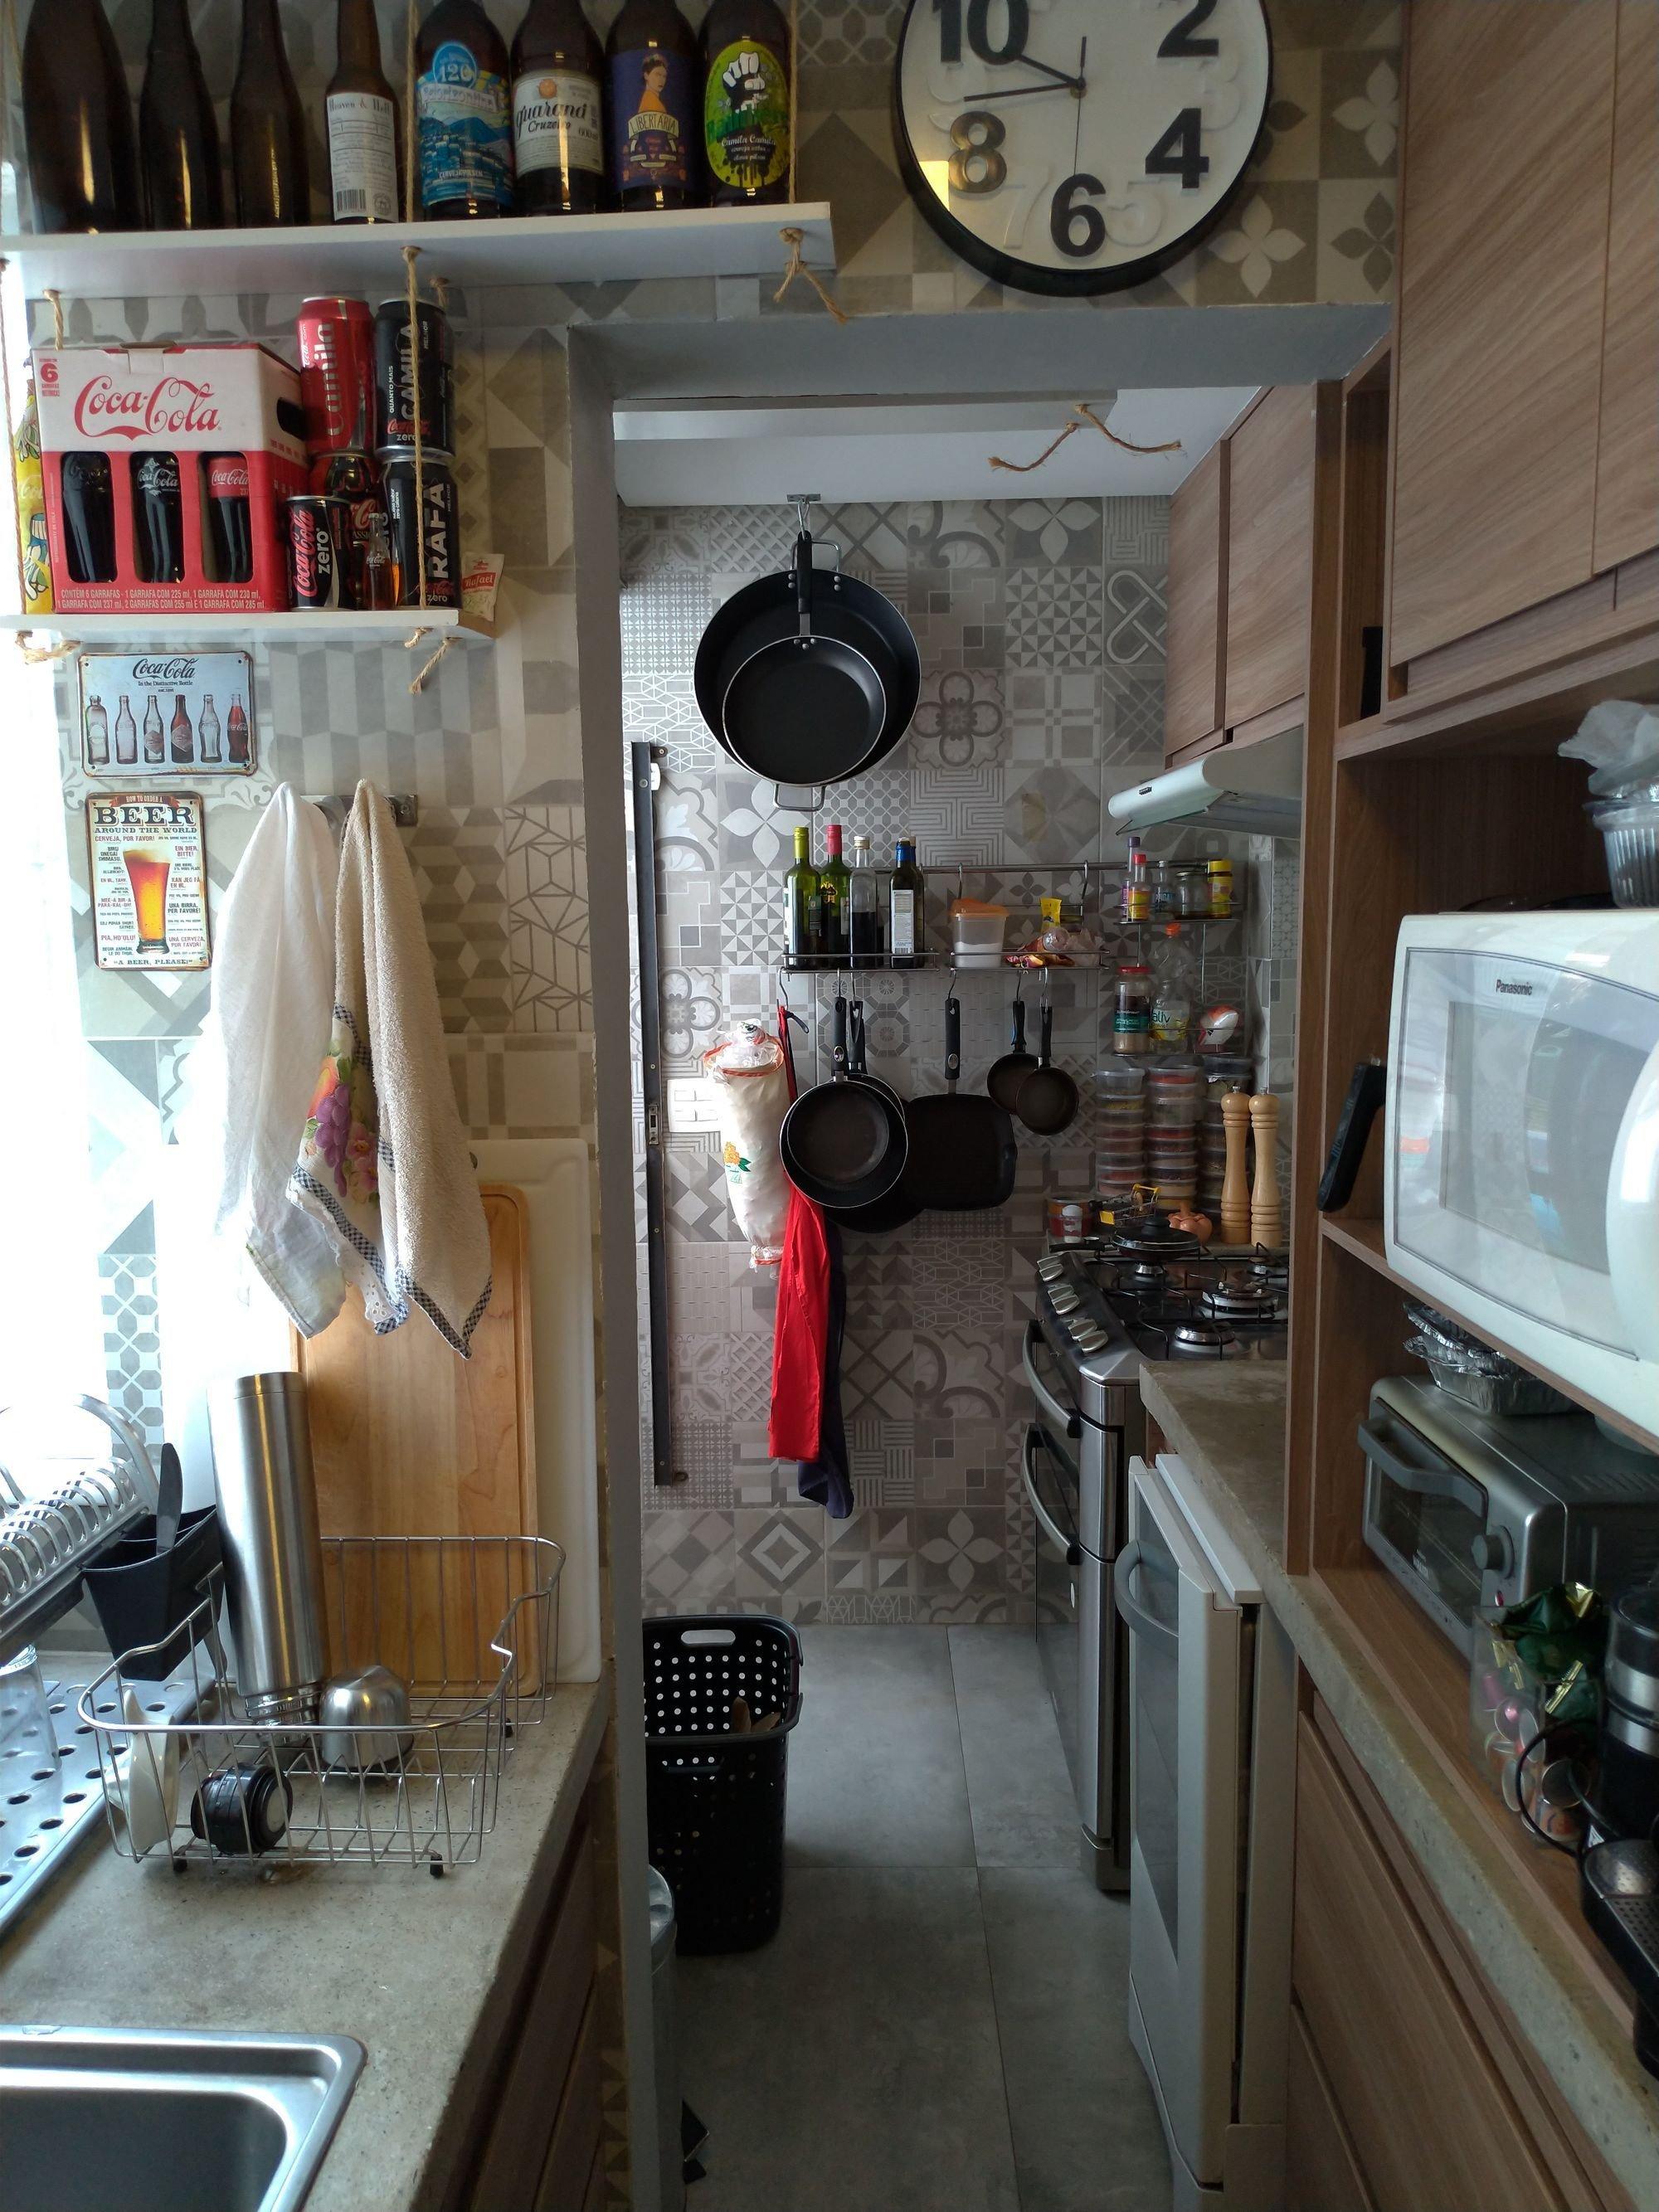 Foto de Cozinha com garrafa, relógio, forno, pia, microondas